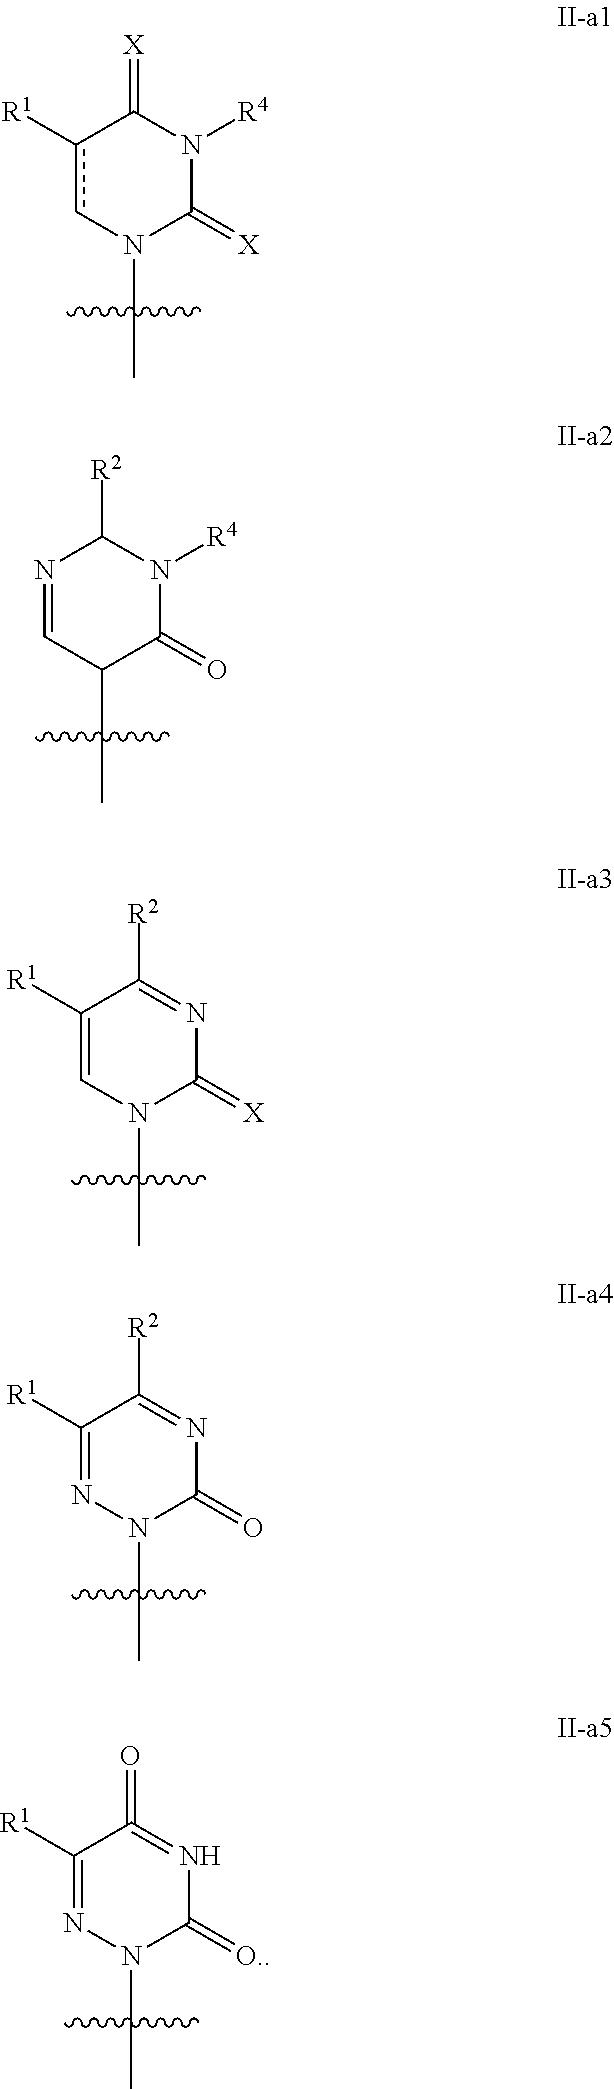 Figure US09334328-20160510-C00017